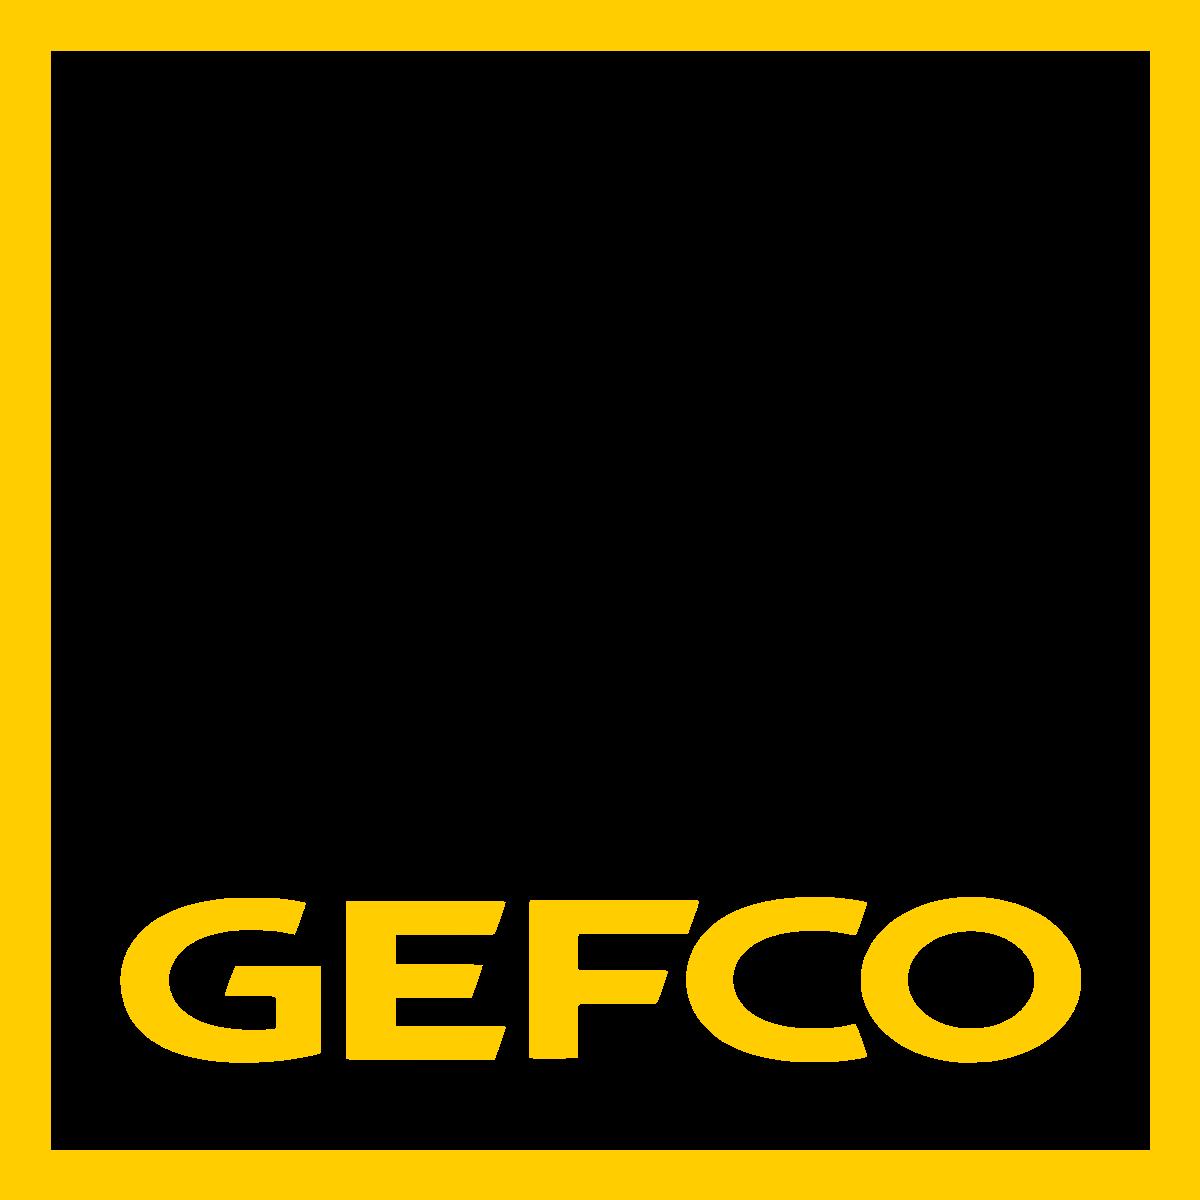 gefco-logo